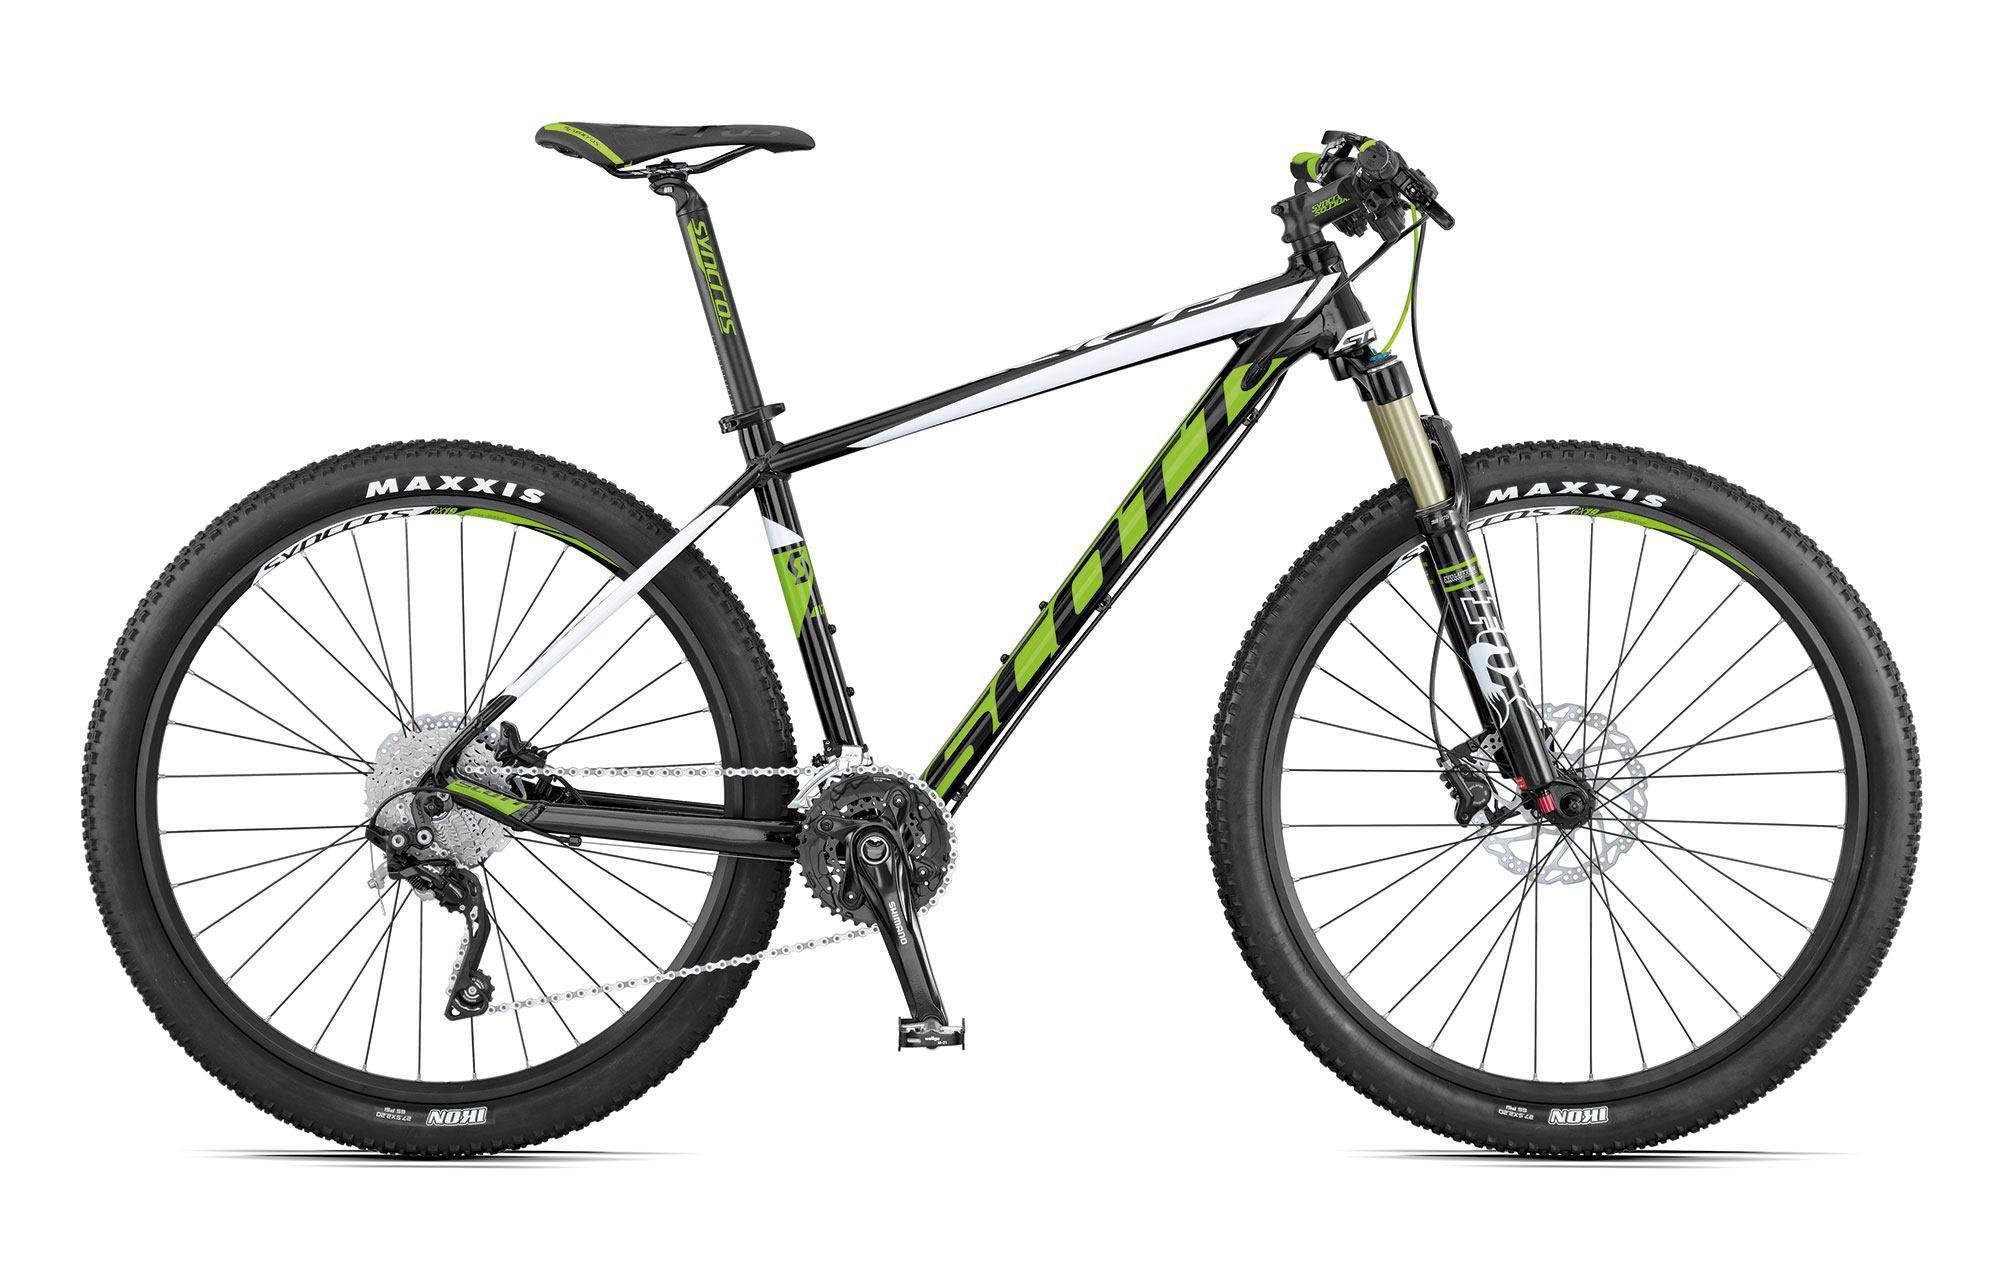 a1644cae6fc 2015 Scott Scale 750 Bike | R&A Cycles